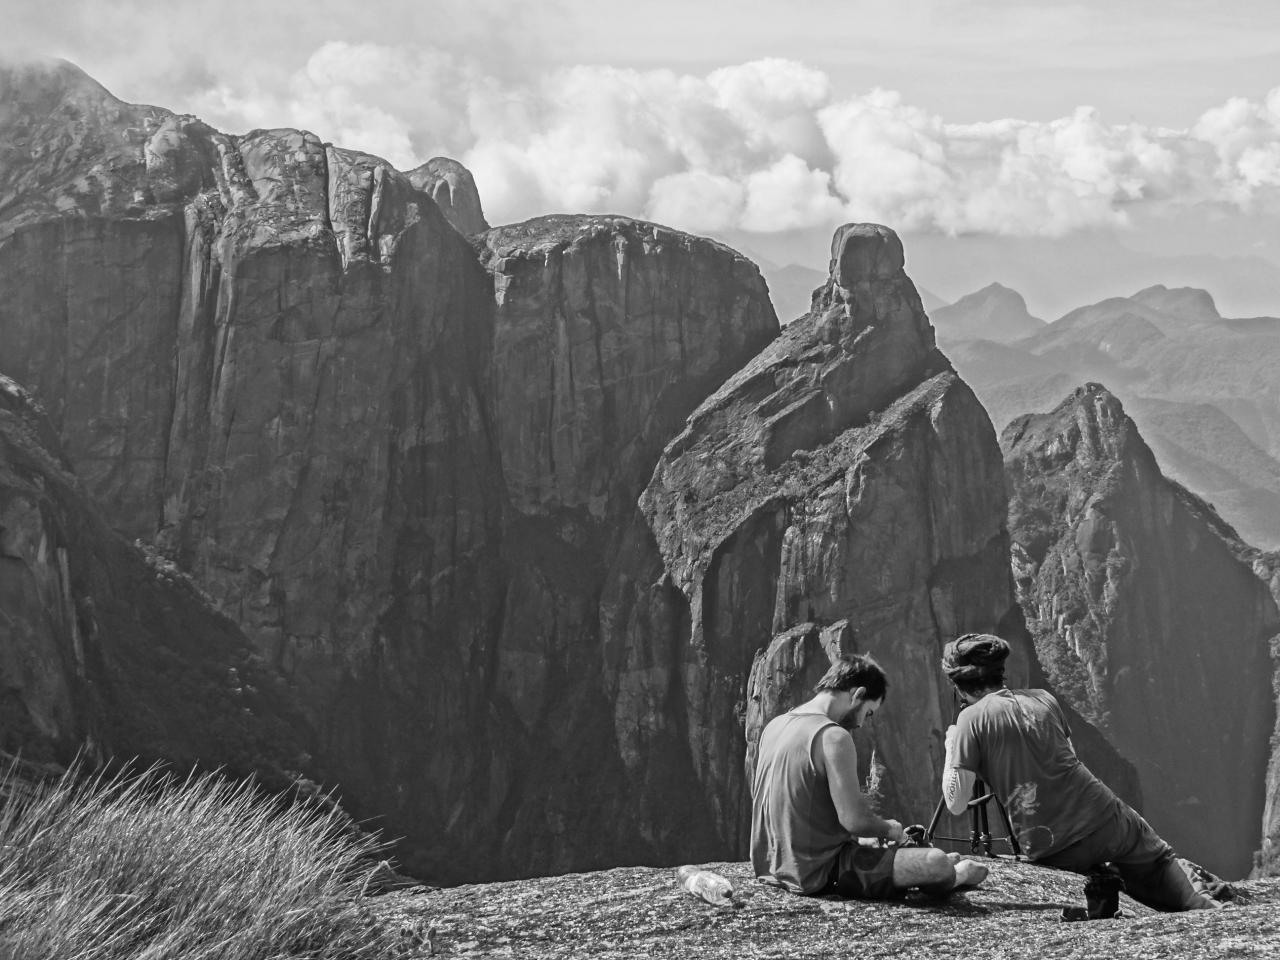 A picture from Parque Nacional da Serra dos Órgãos by Kurt Bergan